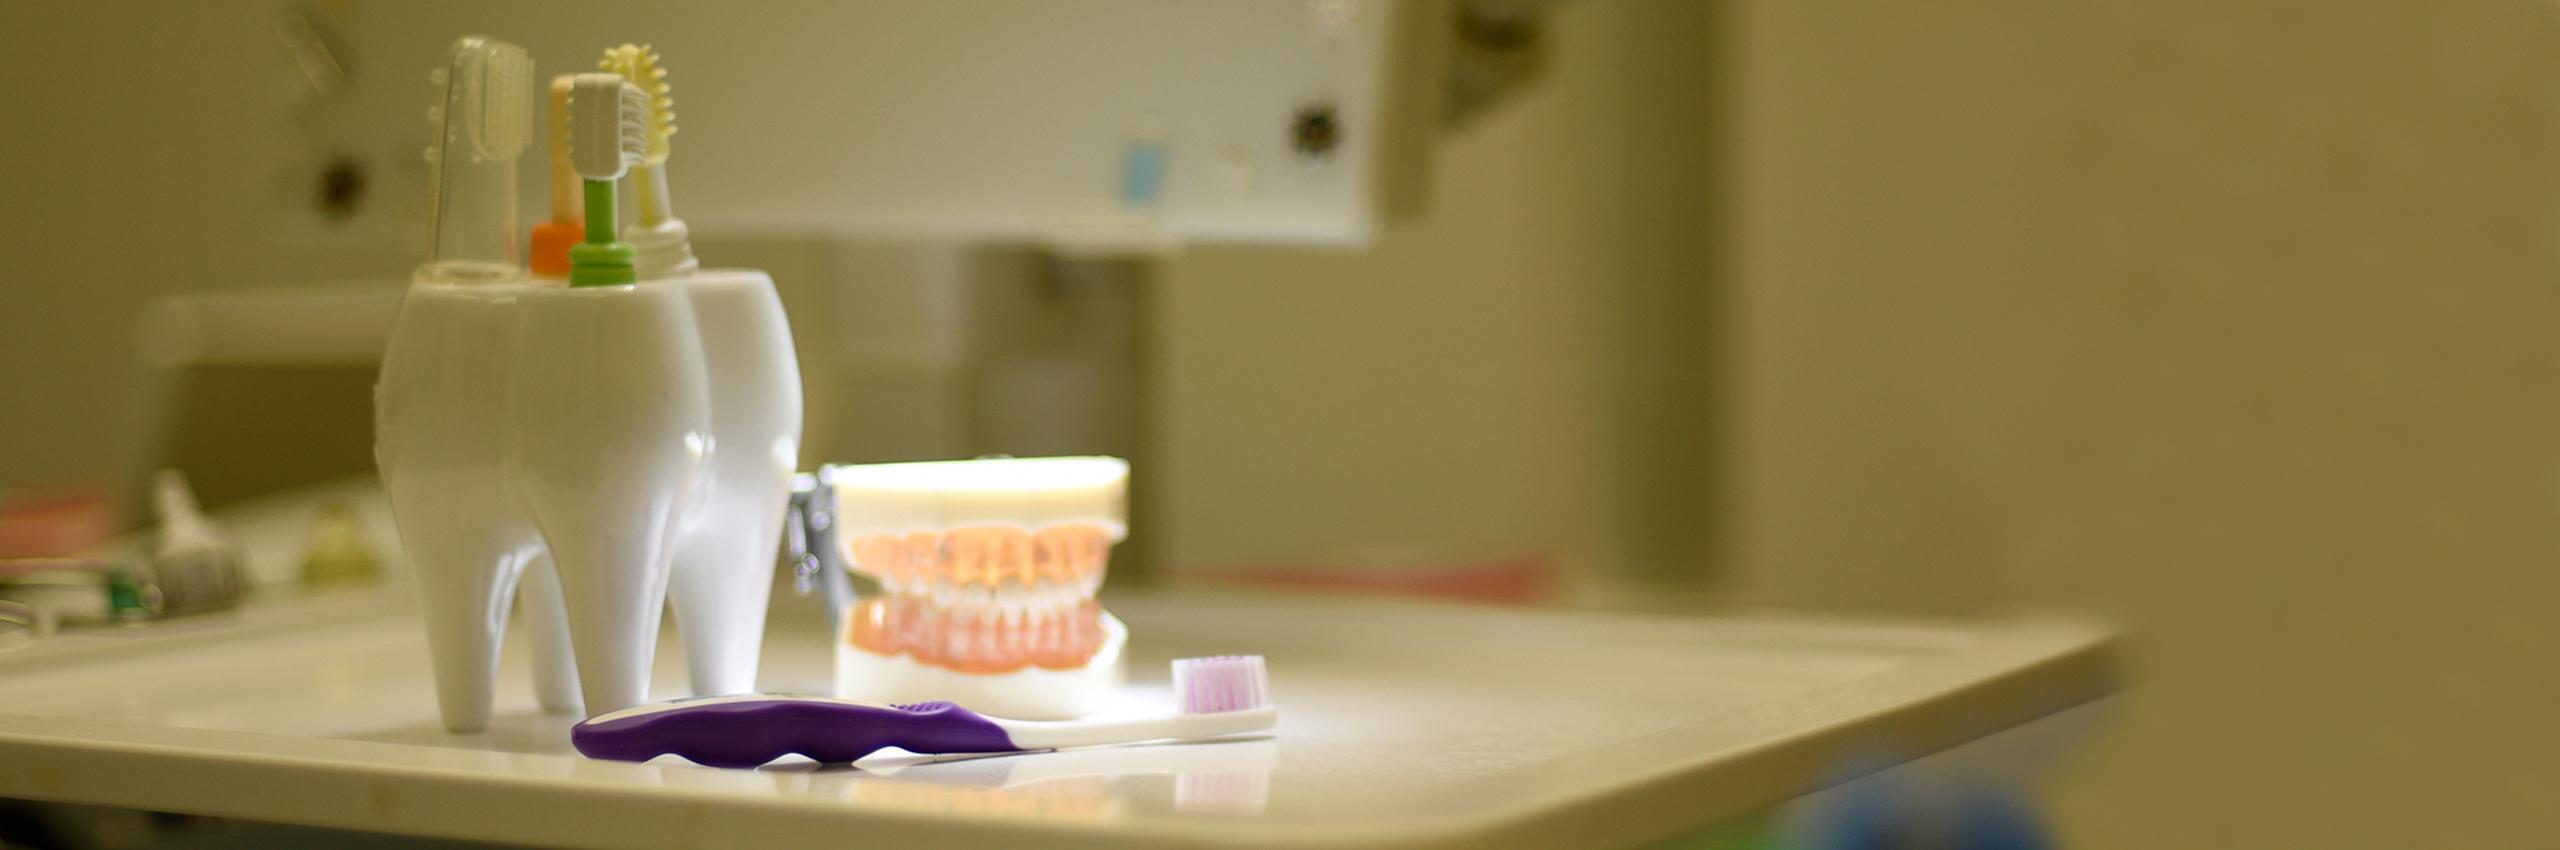 Faculty of Dentistry, NUS